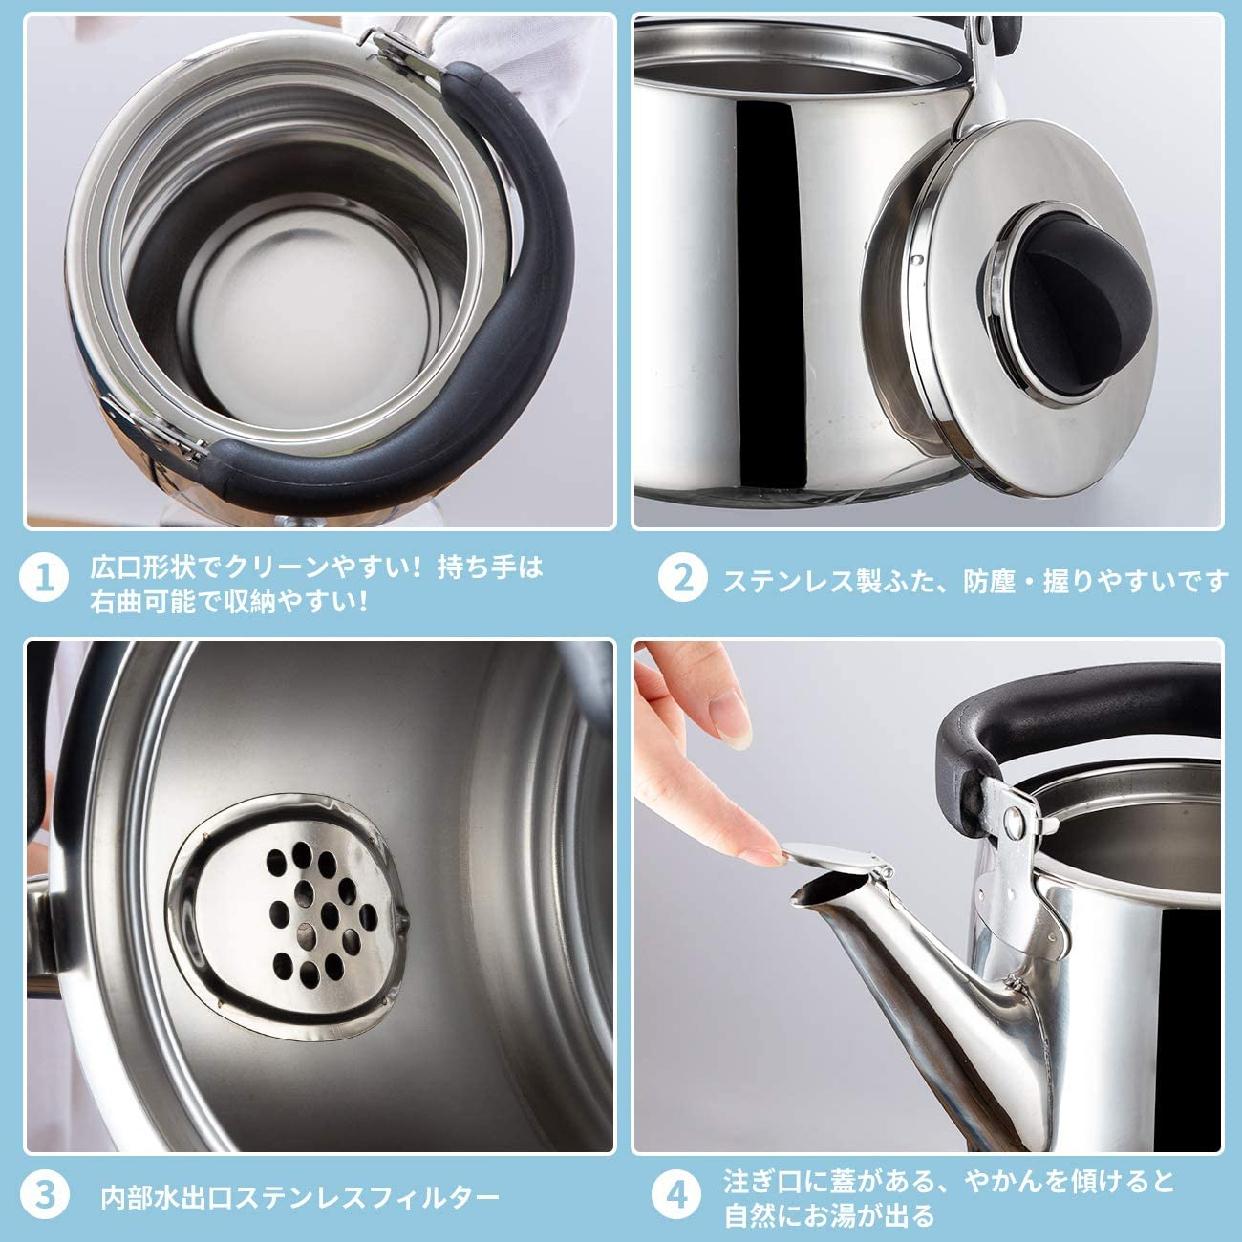 鎌倉陶器 笛ふきケットル 2.5Lの商品画像5